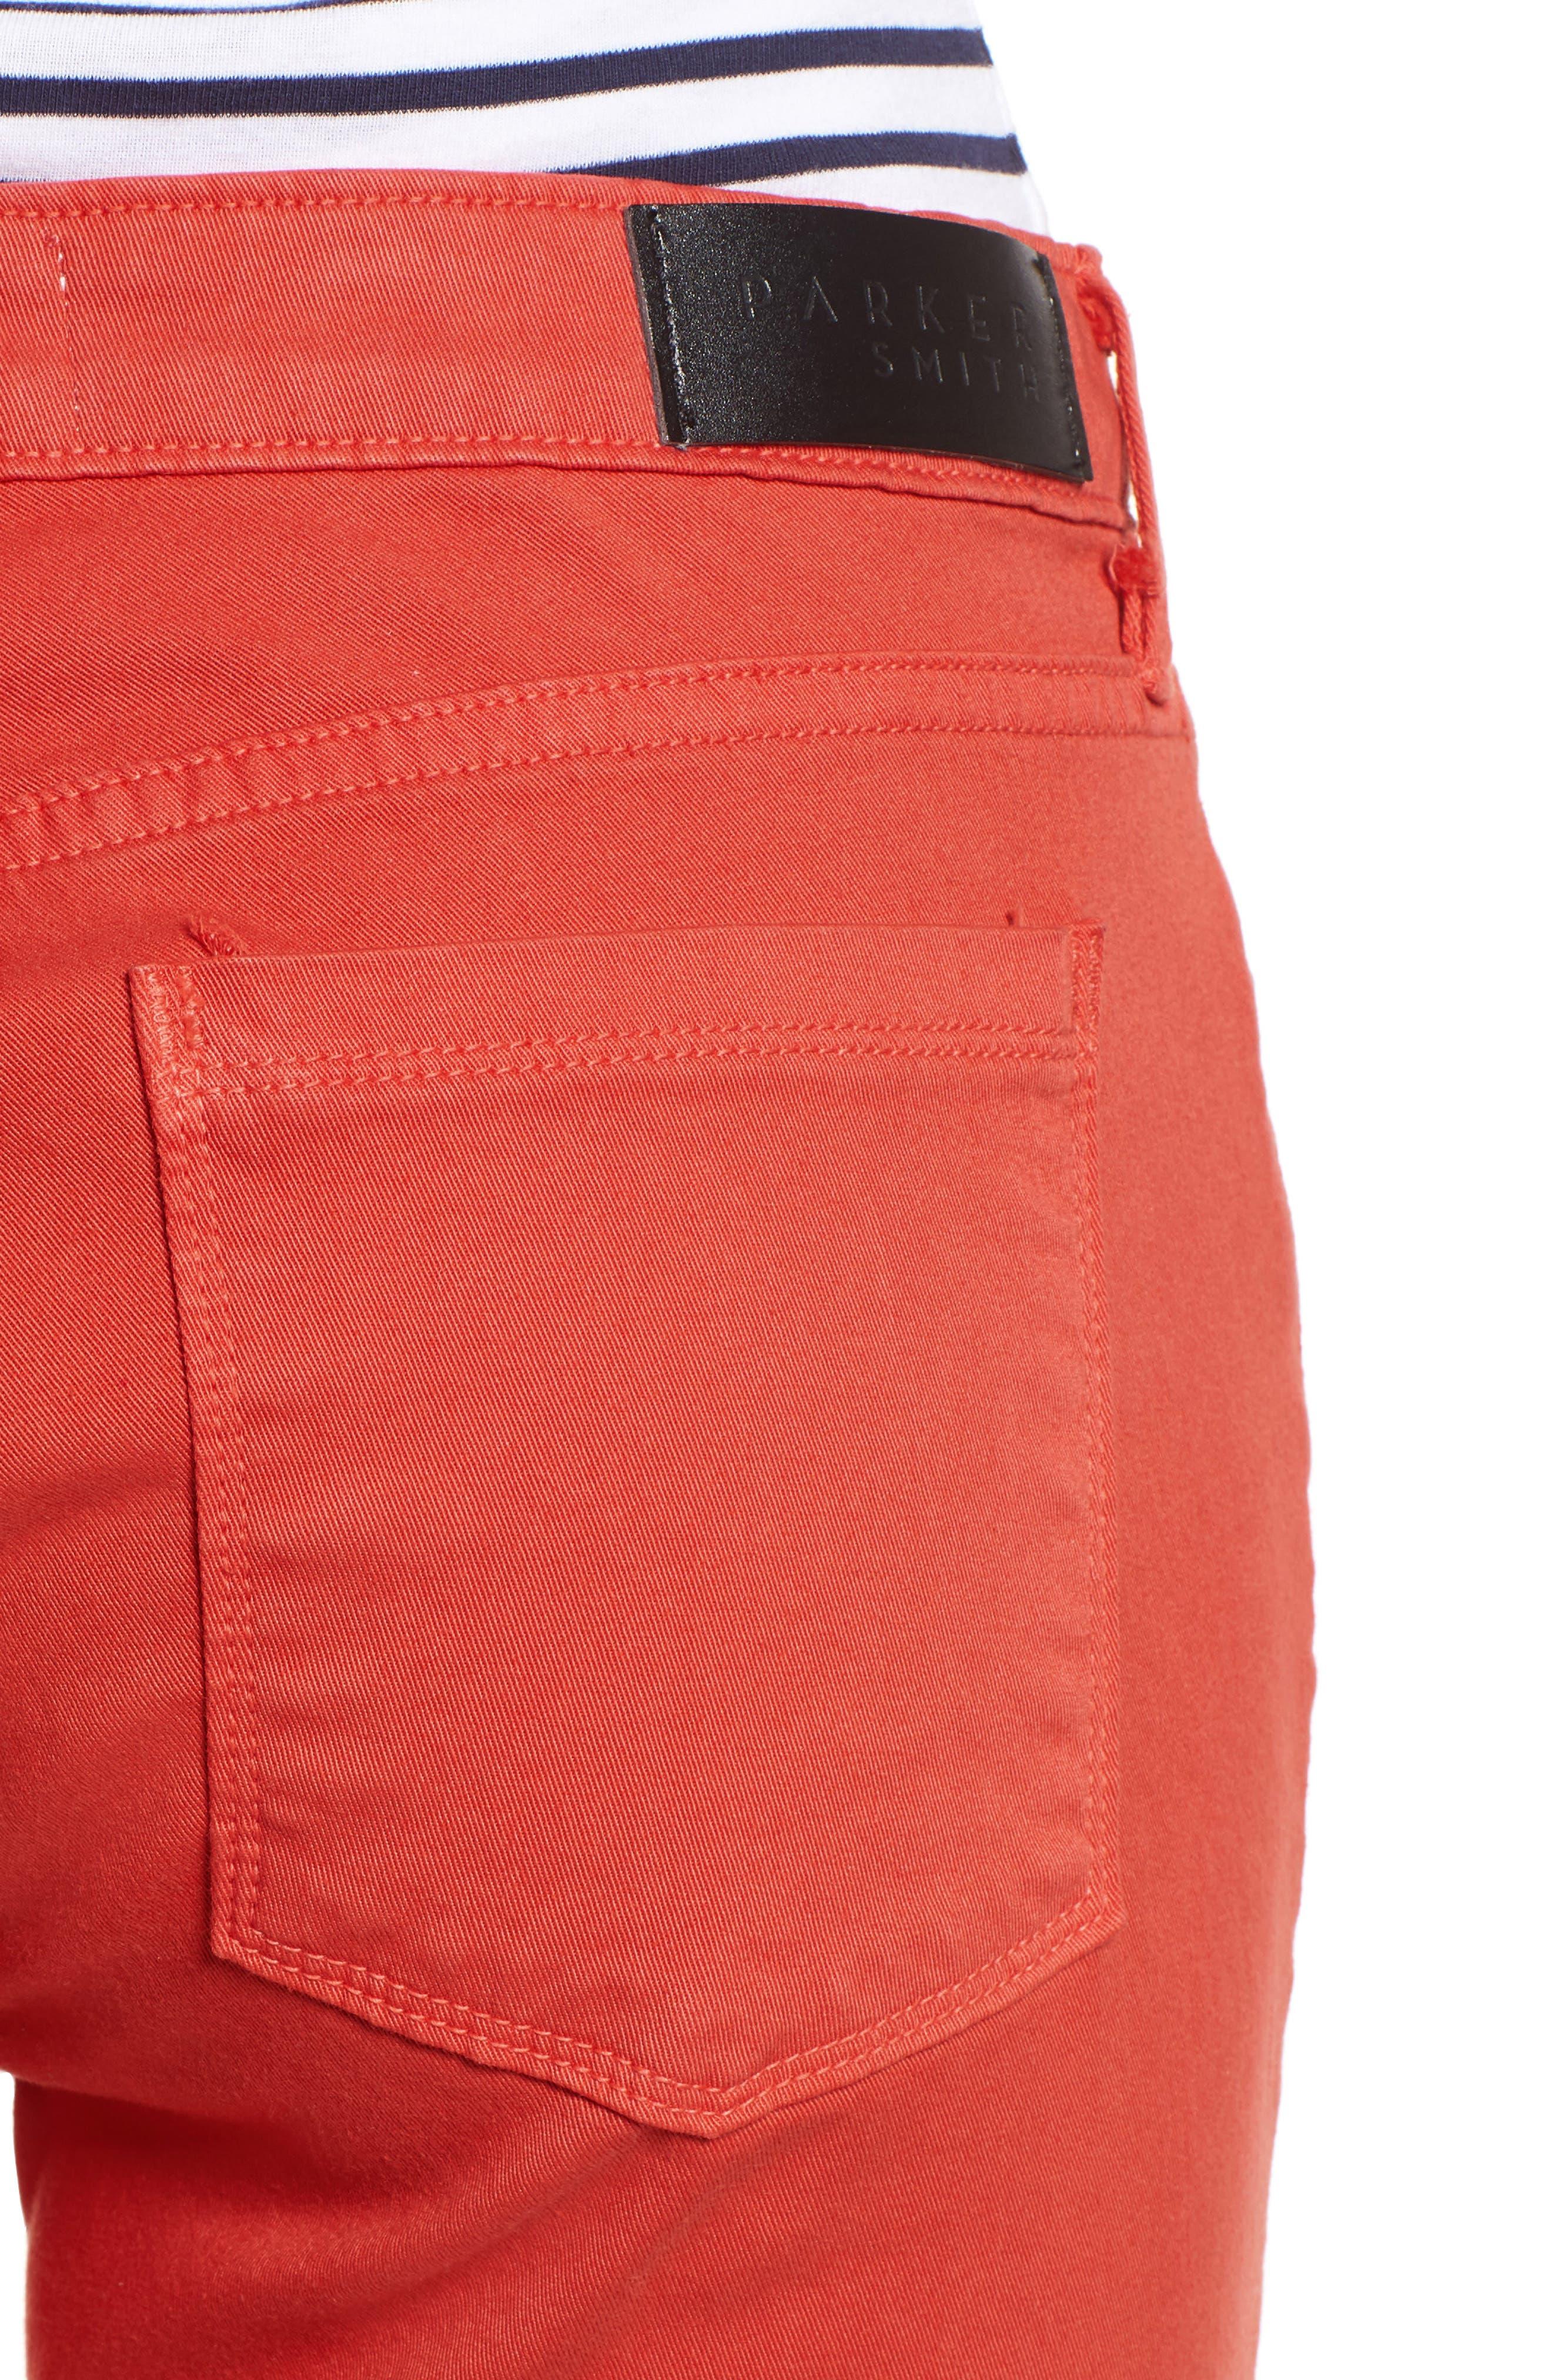 Pedal Pusher Crop Jeans,                             Alternate thumbnail 4, color,                             Sunburst